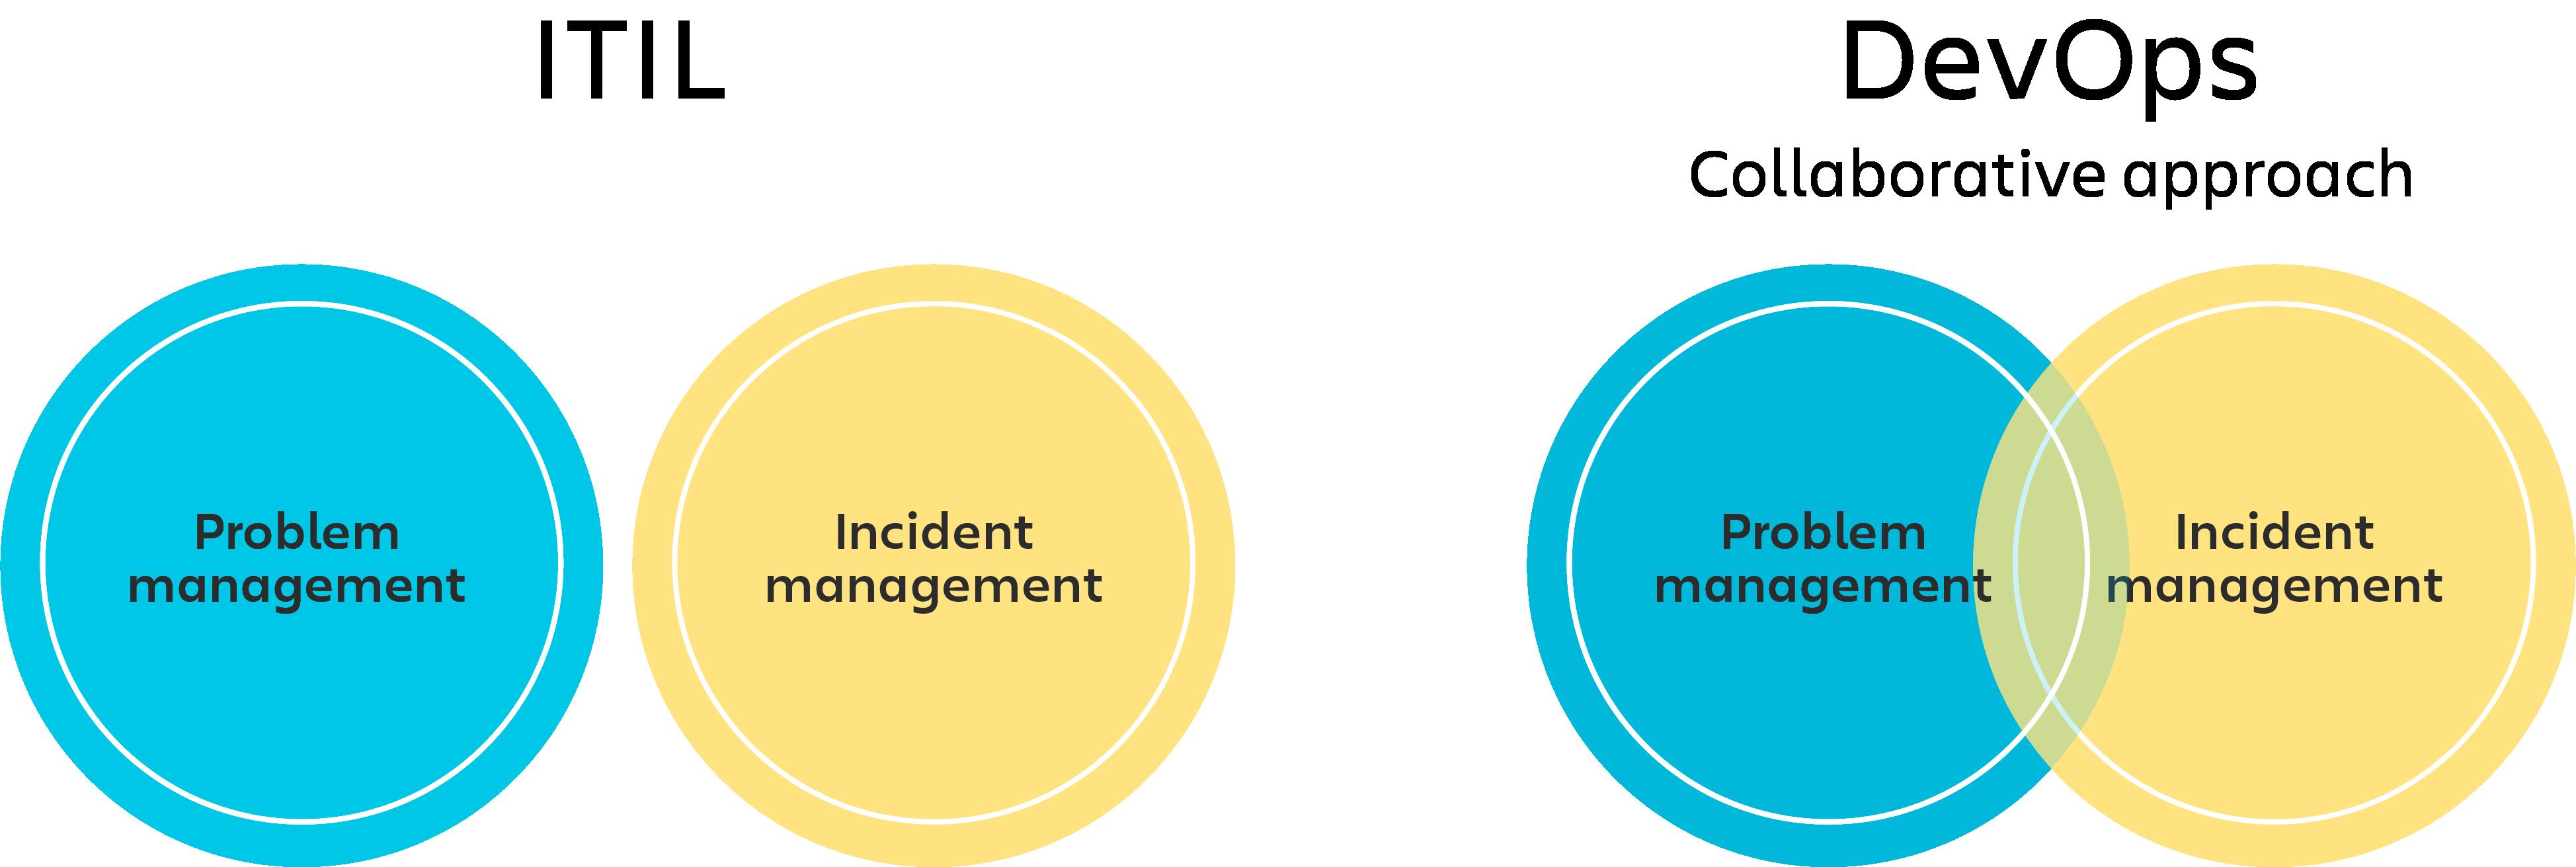 Diagrama de ITIL com círculos separados para o gerenciamento de incidentes e problemas e diagrama de DevOps com diagrama de Venn de gerenciamento de problemas e de incidentes